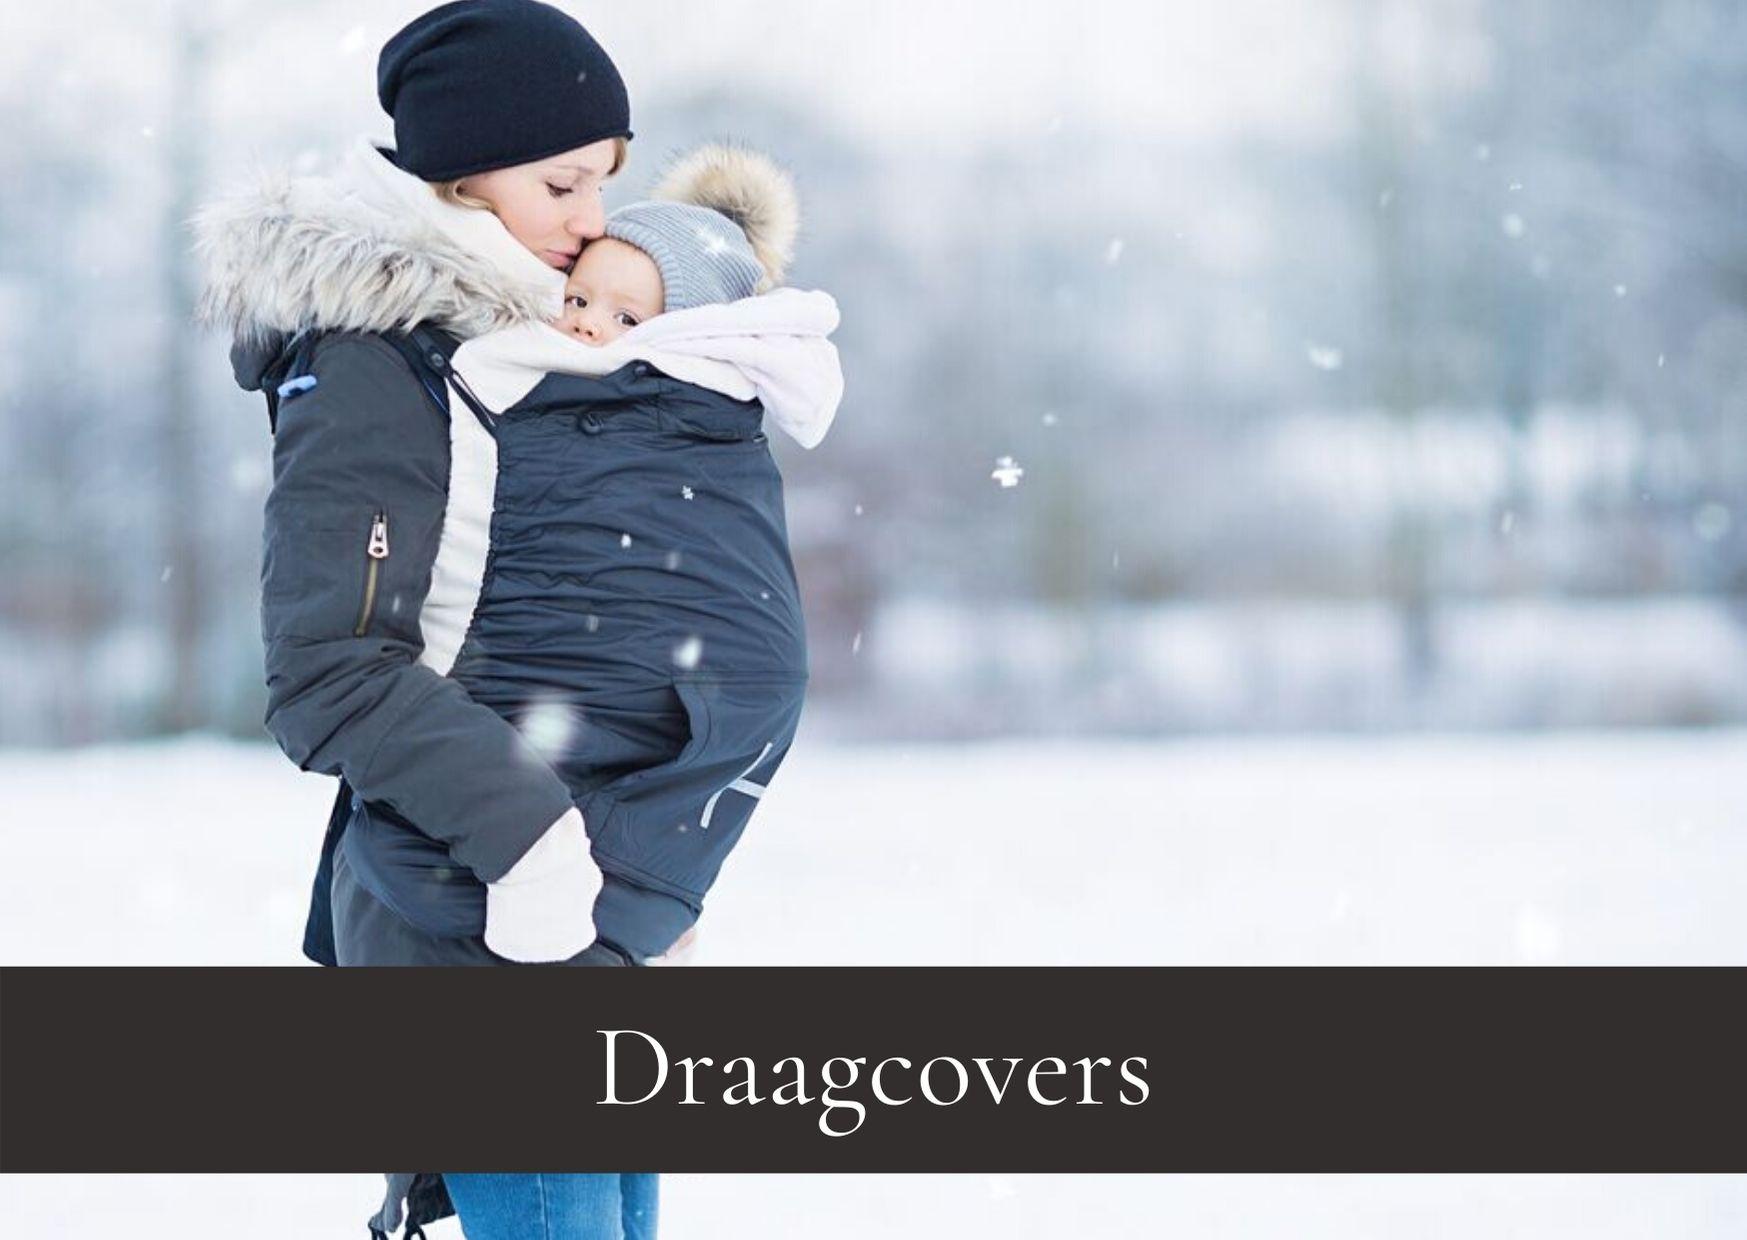 draagcovers